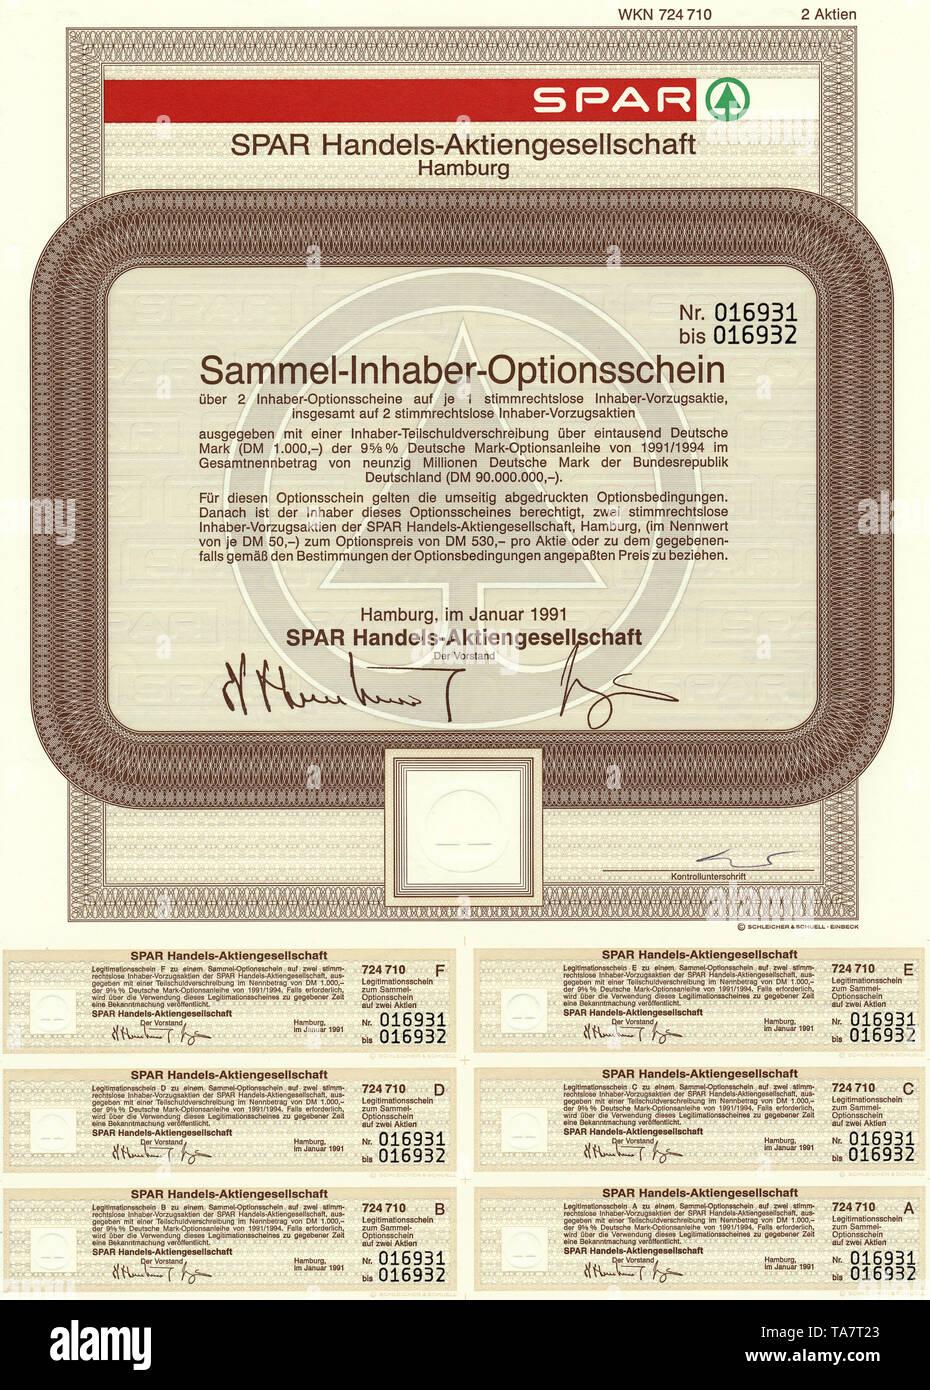 Historic stock certificate, Securities certificate, bearer warrant, Germany, Wertpapier, Inhaber-Optionsschein, 1000 Deutsche Mark, Lebensmitteleinzelhandel, SPAR Handels- Aktiengesellschaft, heute Tochtergesellschaft der Edeka Zentrale AG & Co KG., Hamburg, 1991, Deutschland, Europa - Stock Image